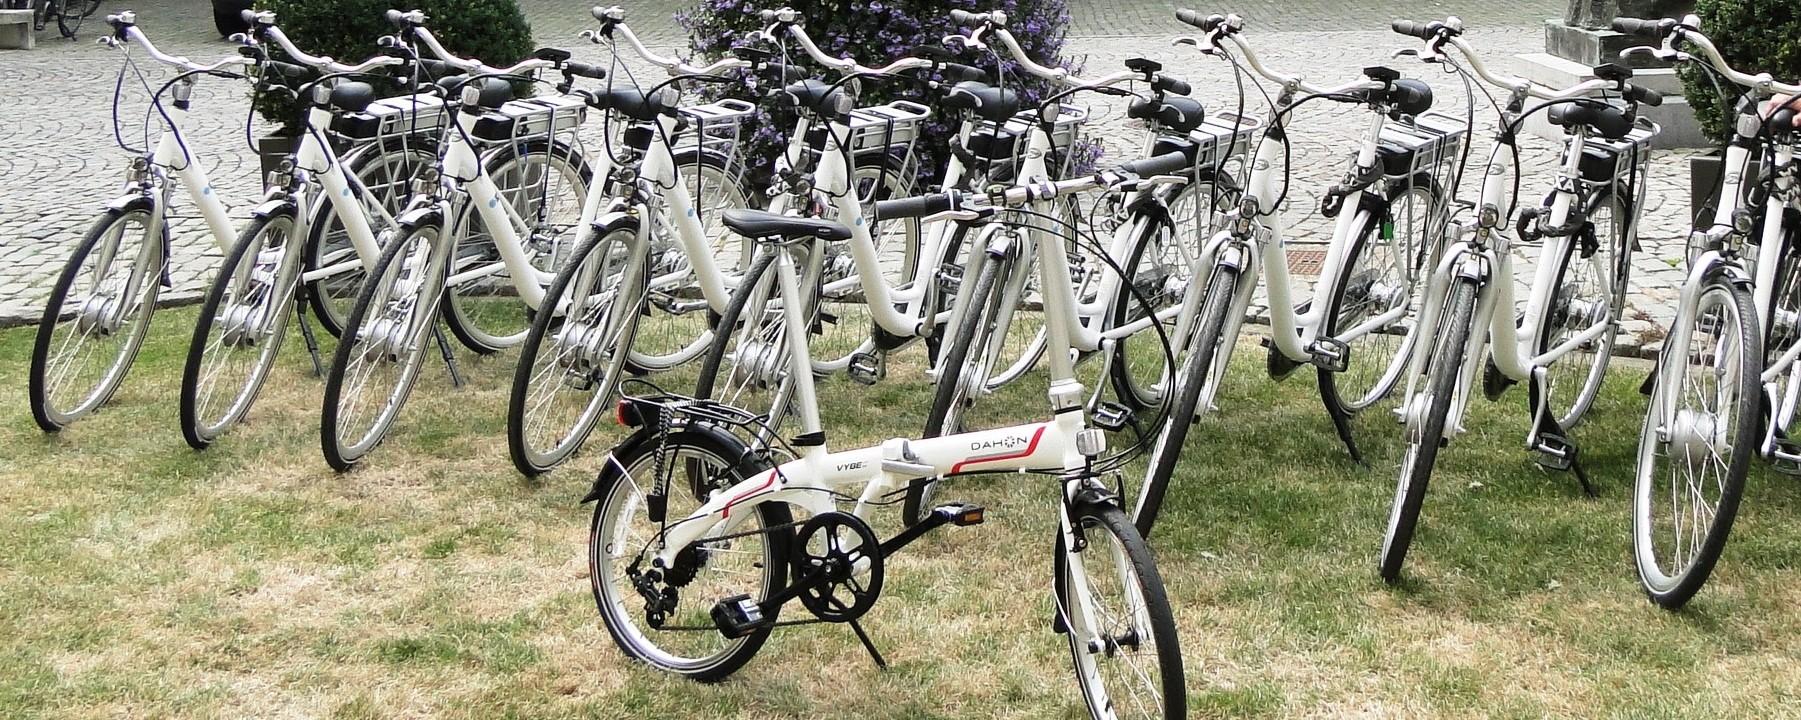 <h2>Mobiliteit</h2><div> Minder autokilometers in de stad is goed voor iedereen. Om dit te bereiken zetten we in op de autoluwe binnenstad en het stimuleren van de fiets en autodelen. </div>